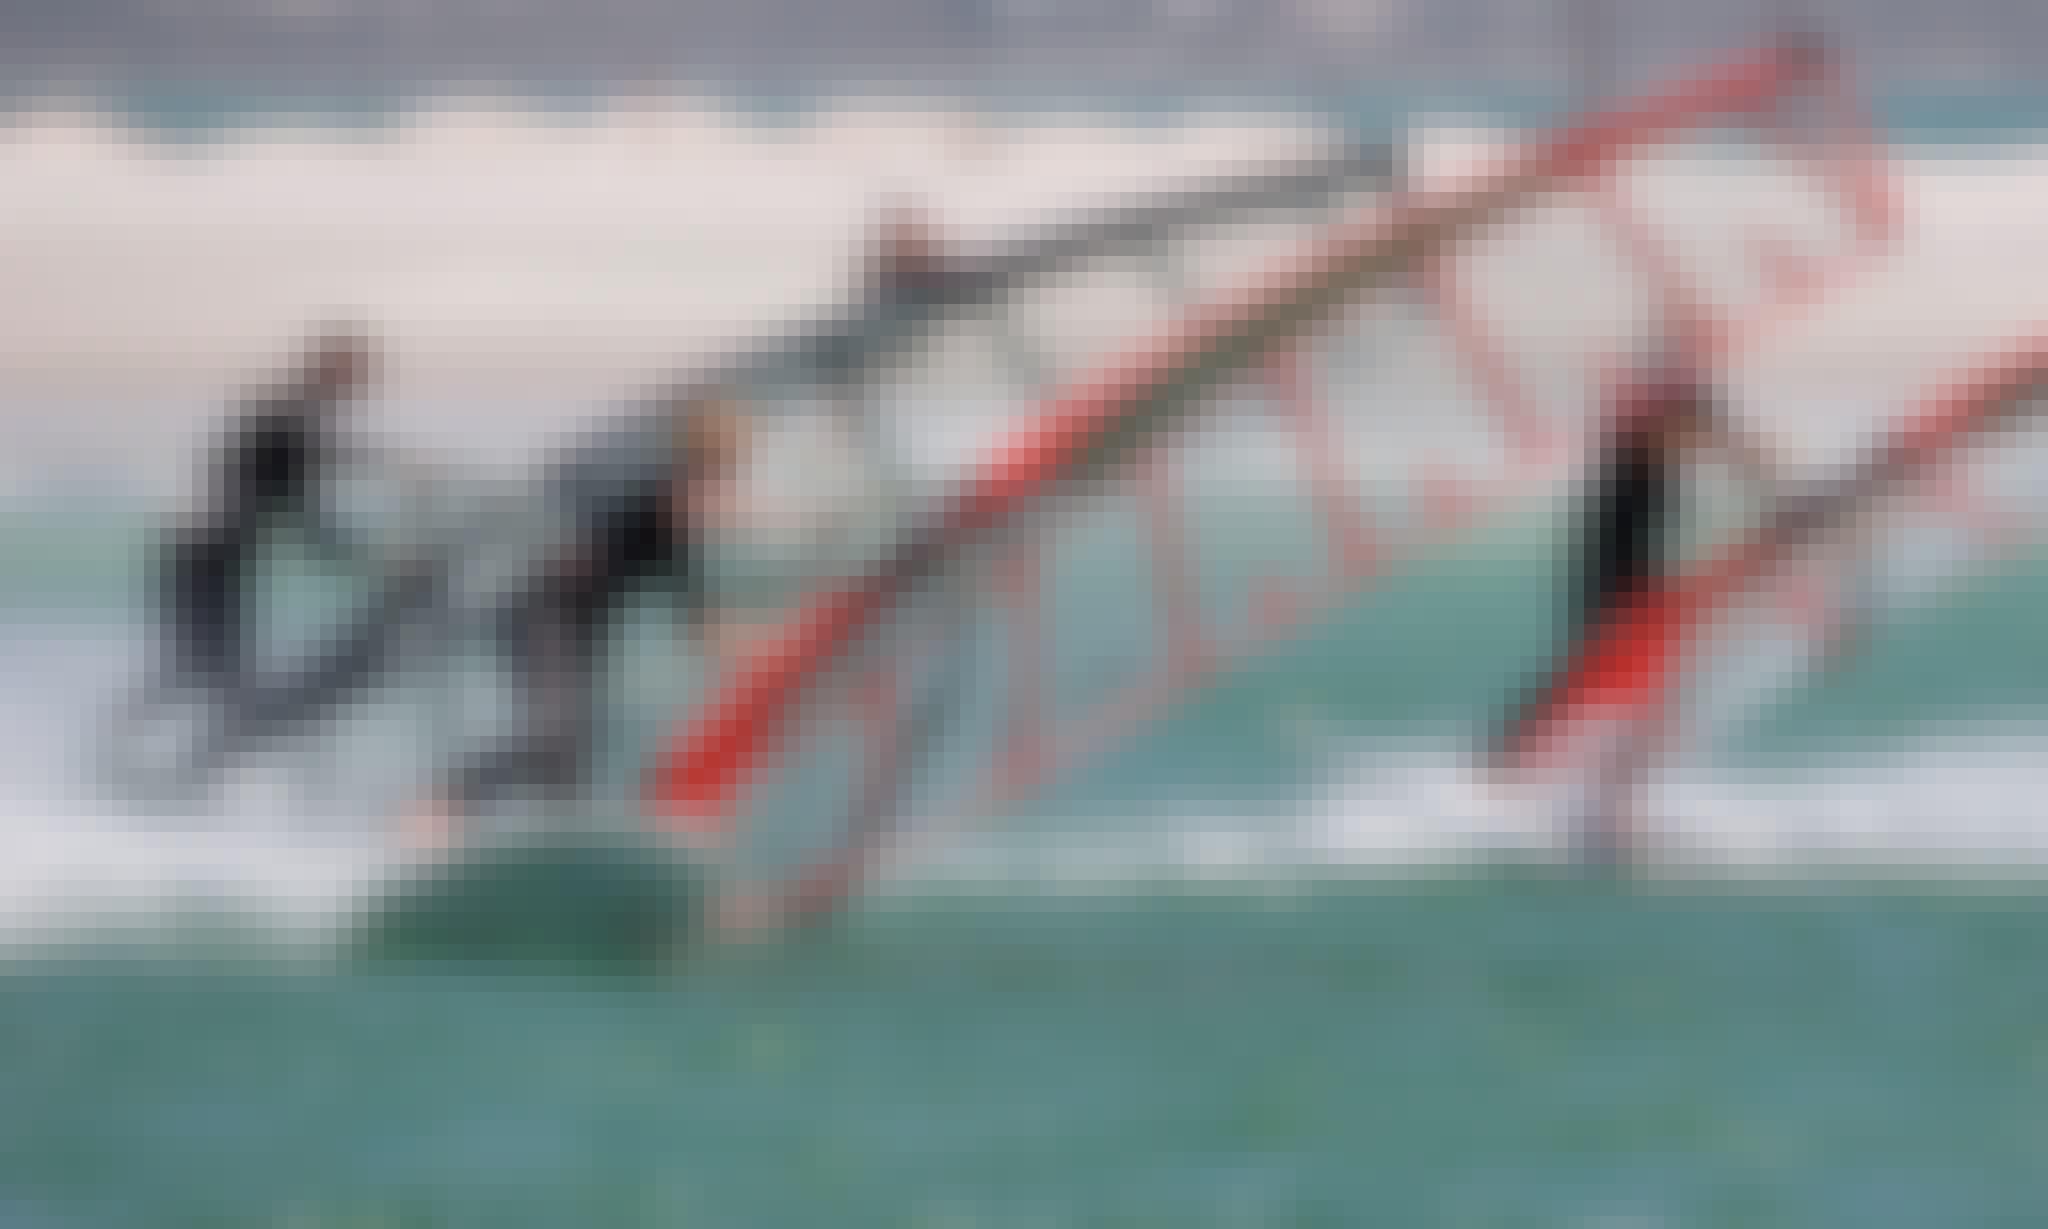 Windsurfing Rental & Lessons in Langebaan